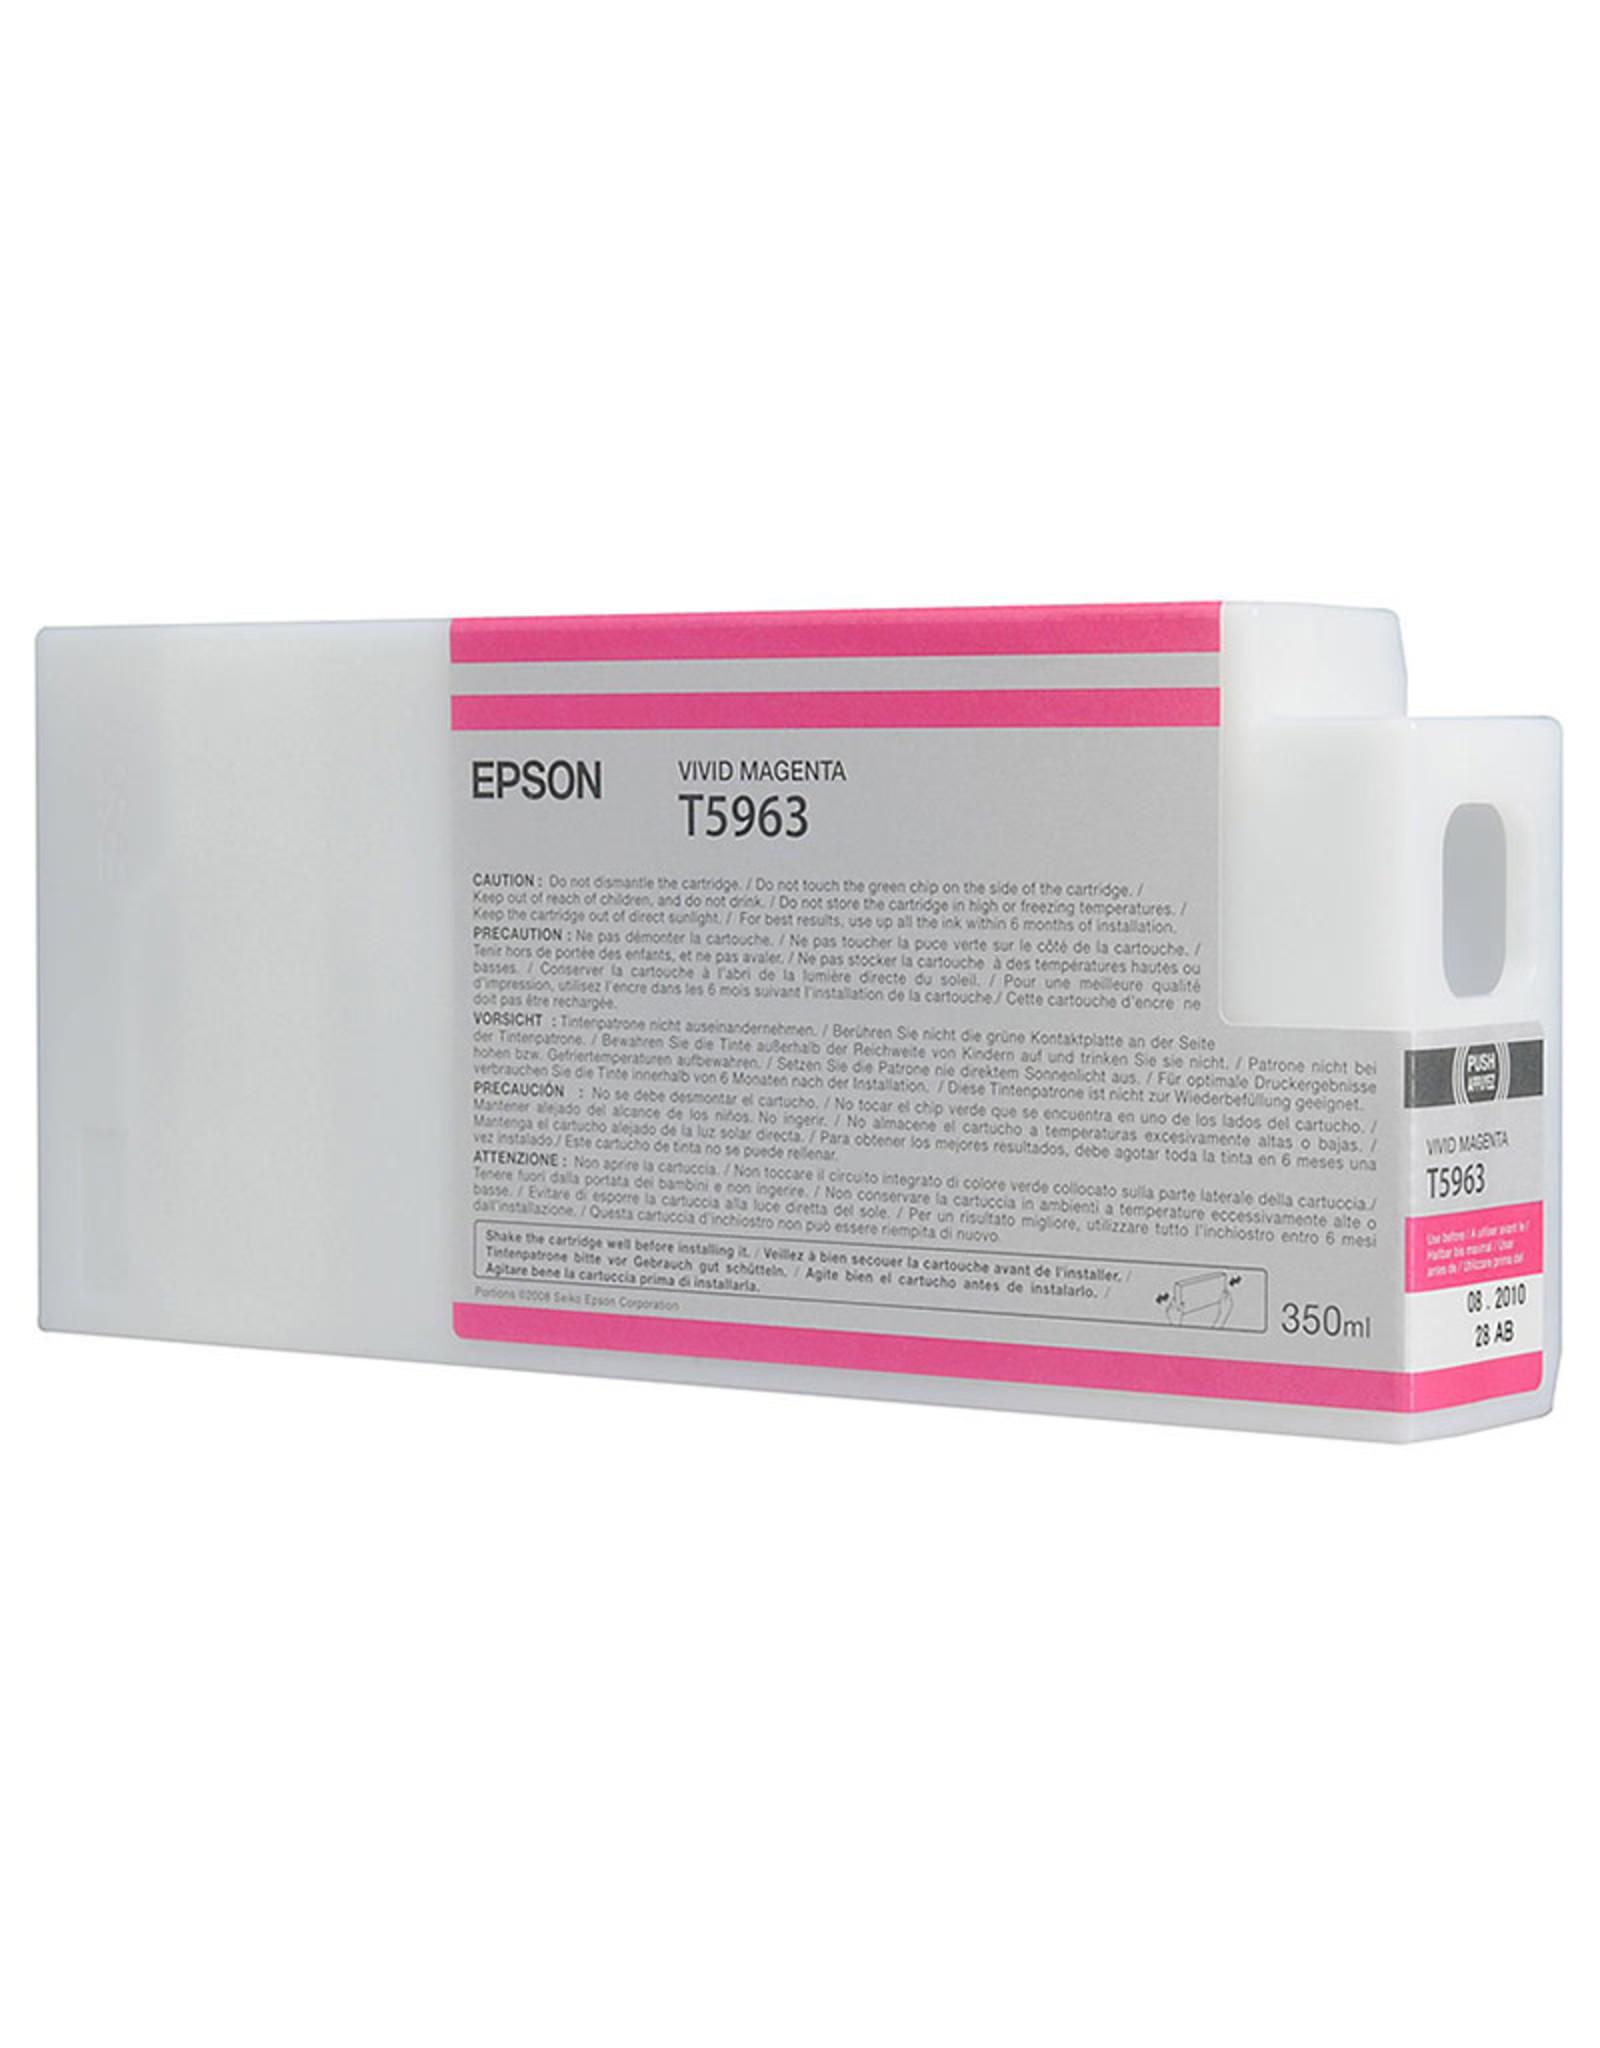 Epson Epson Vivid Magenta Ultrachrome HDR Ink for 9900 - 350ml cartridges